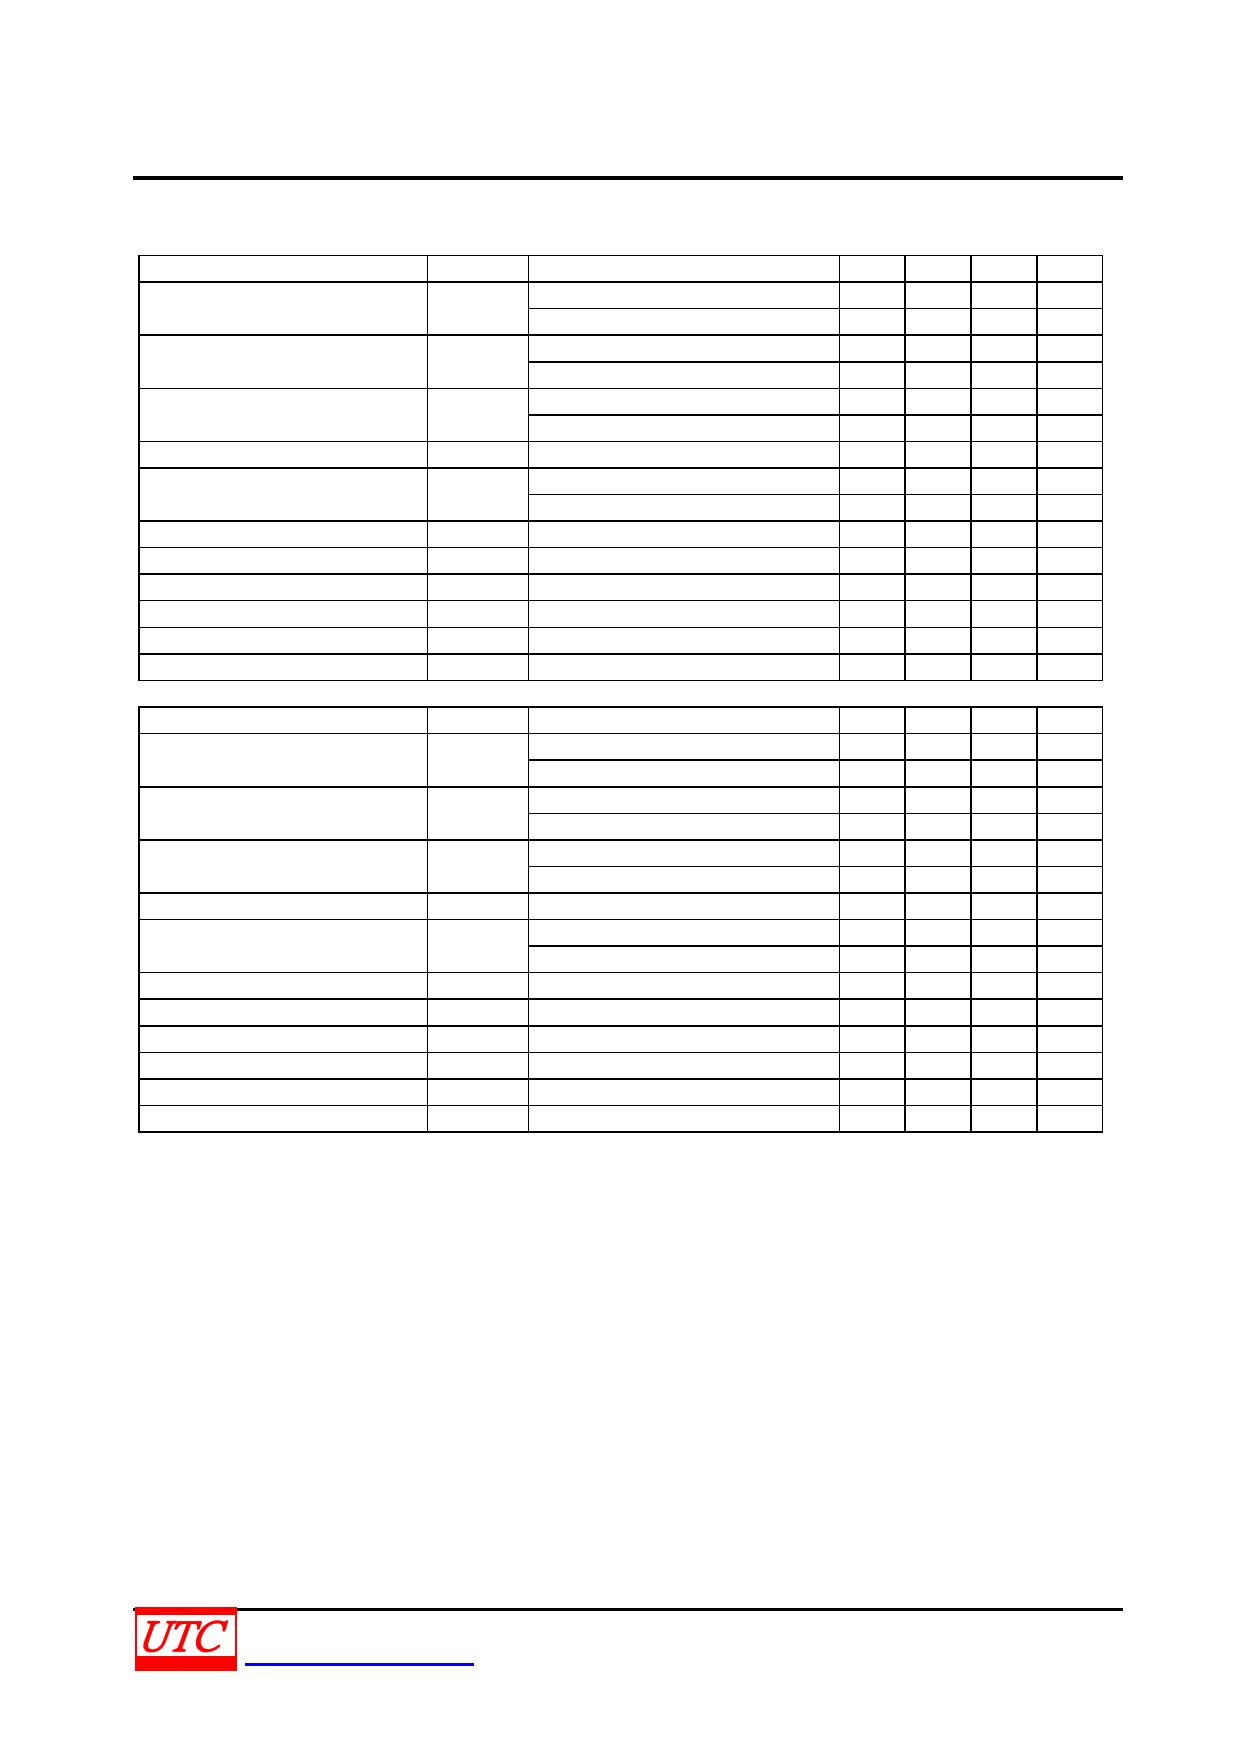 78T05 pdf